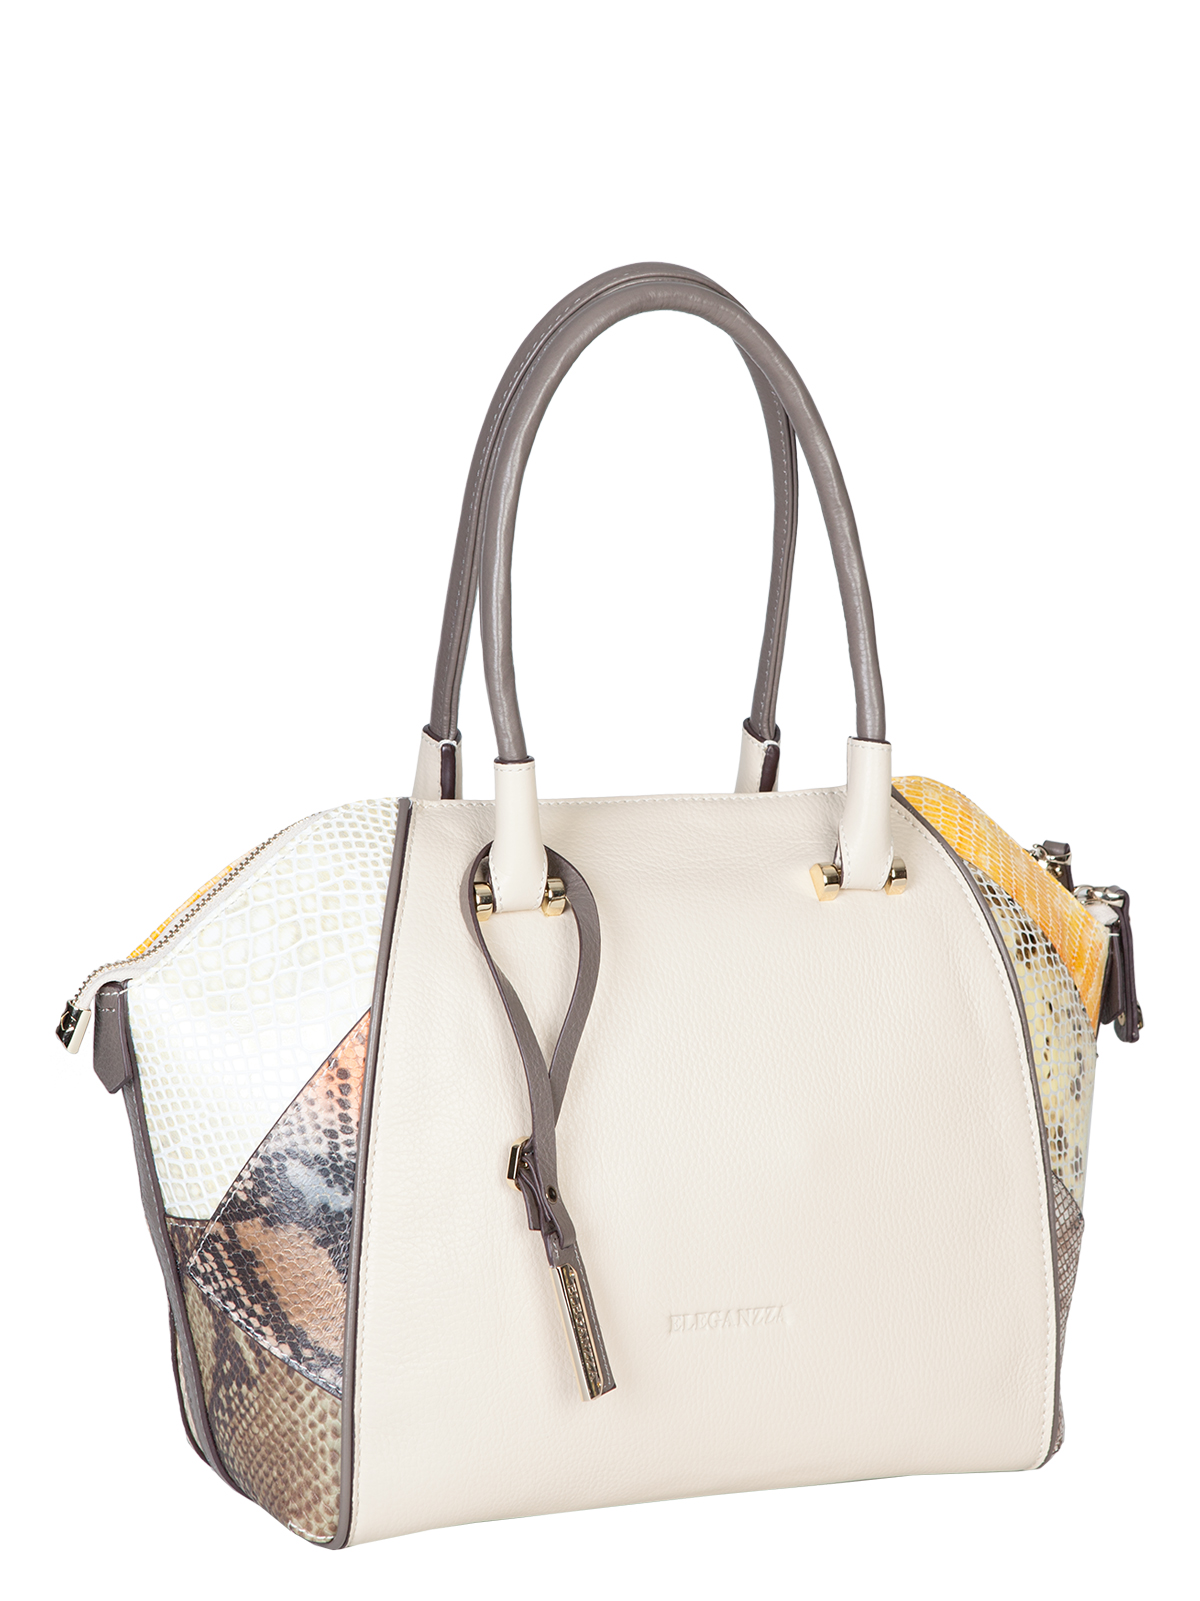 82868d88d5a0 Женские сумки ручной работы. Ярмарка Мастеров - ручная работа. Купить Сумка  из натуральной кожи